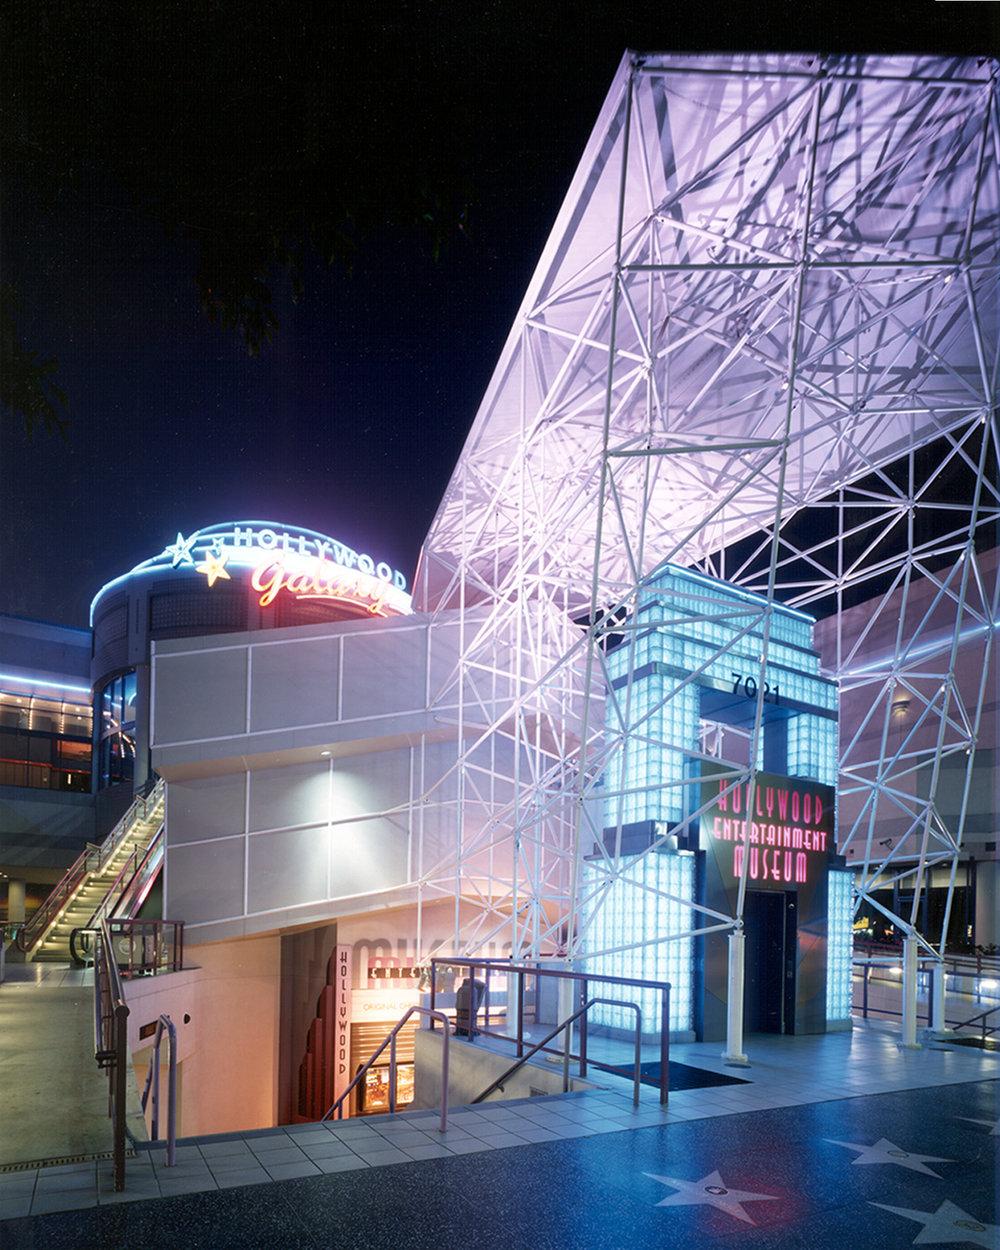 Hollywood Entertainment Museum.jpg